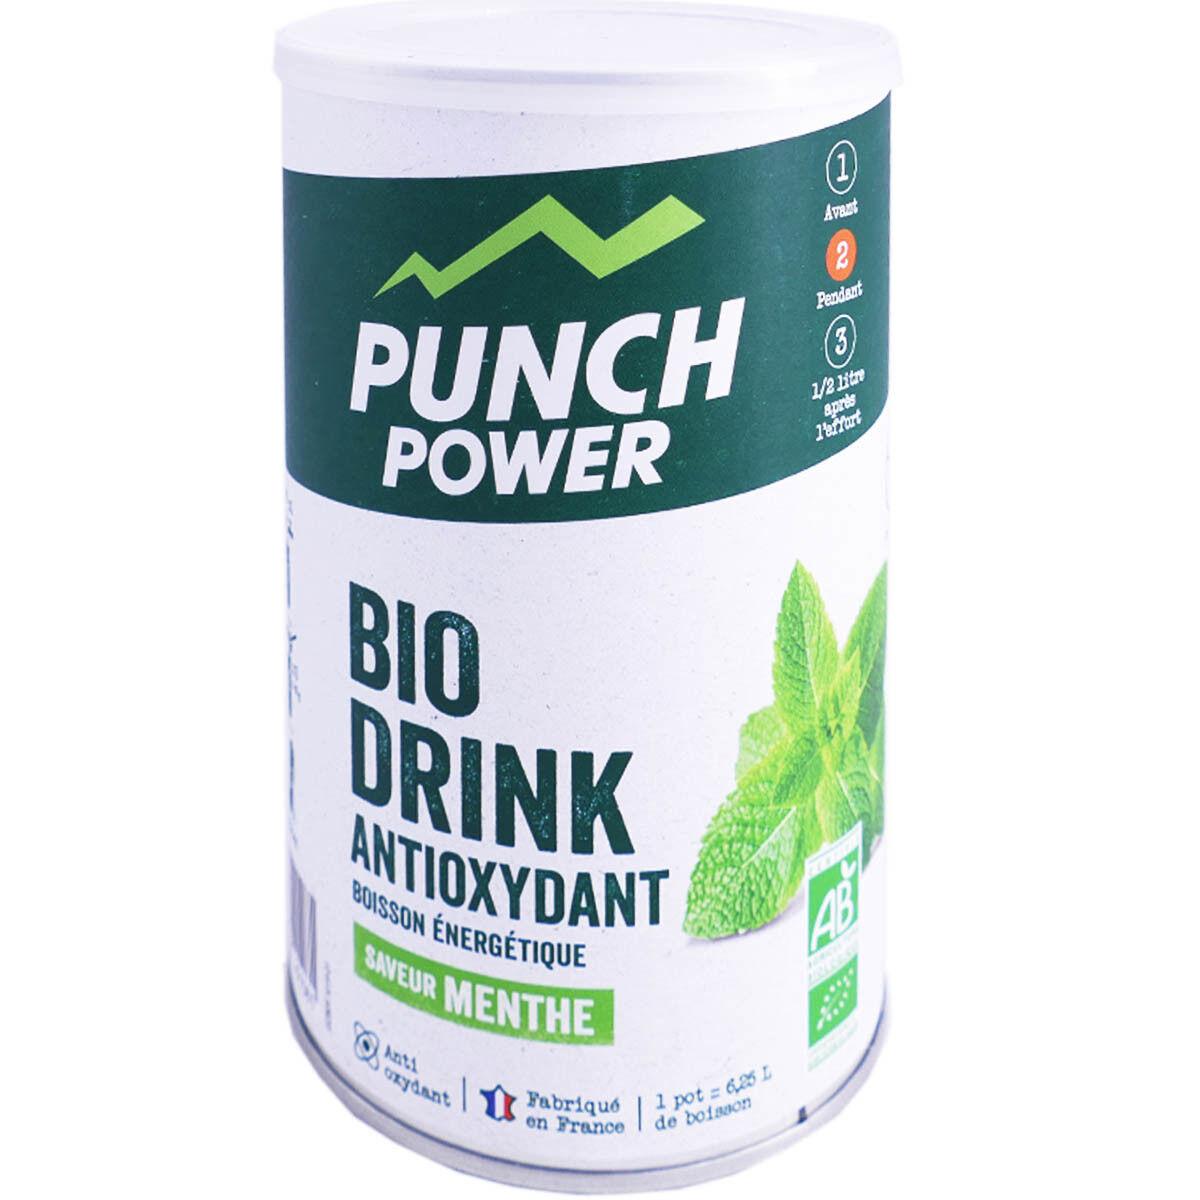 DIVERS Punch power bio boisson energetique saveur menthe 500g